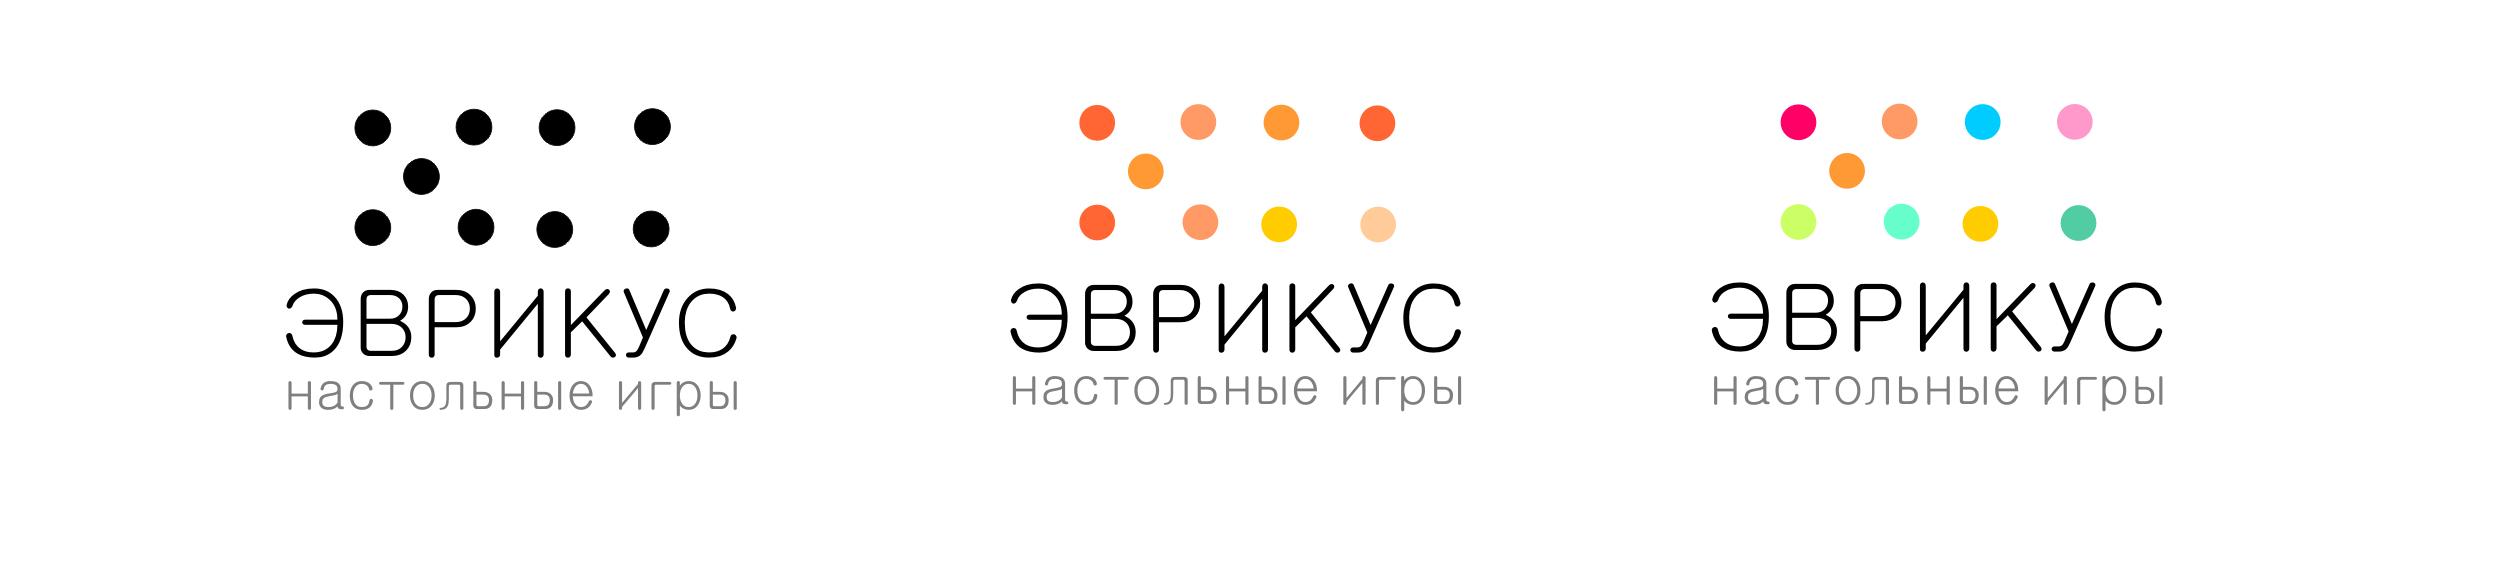 """Логотип """"Эврикус"""" (настольные игры)"""